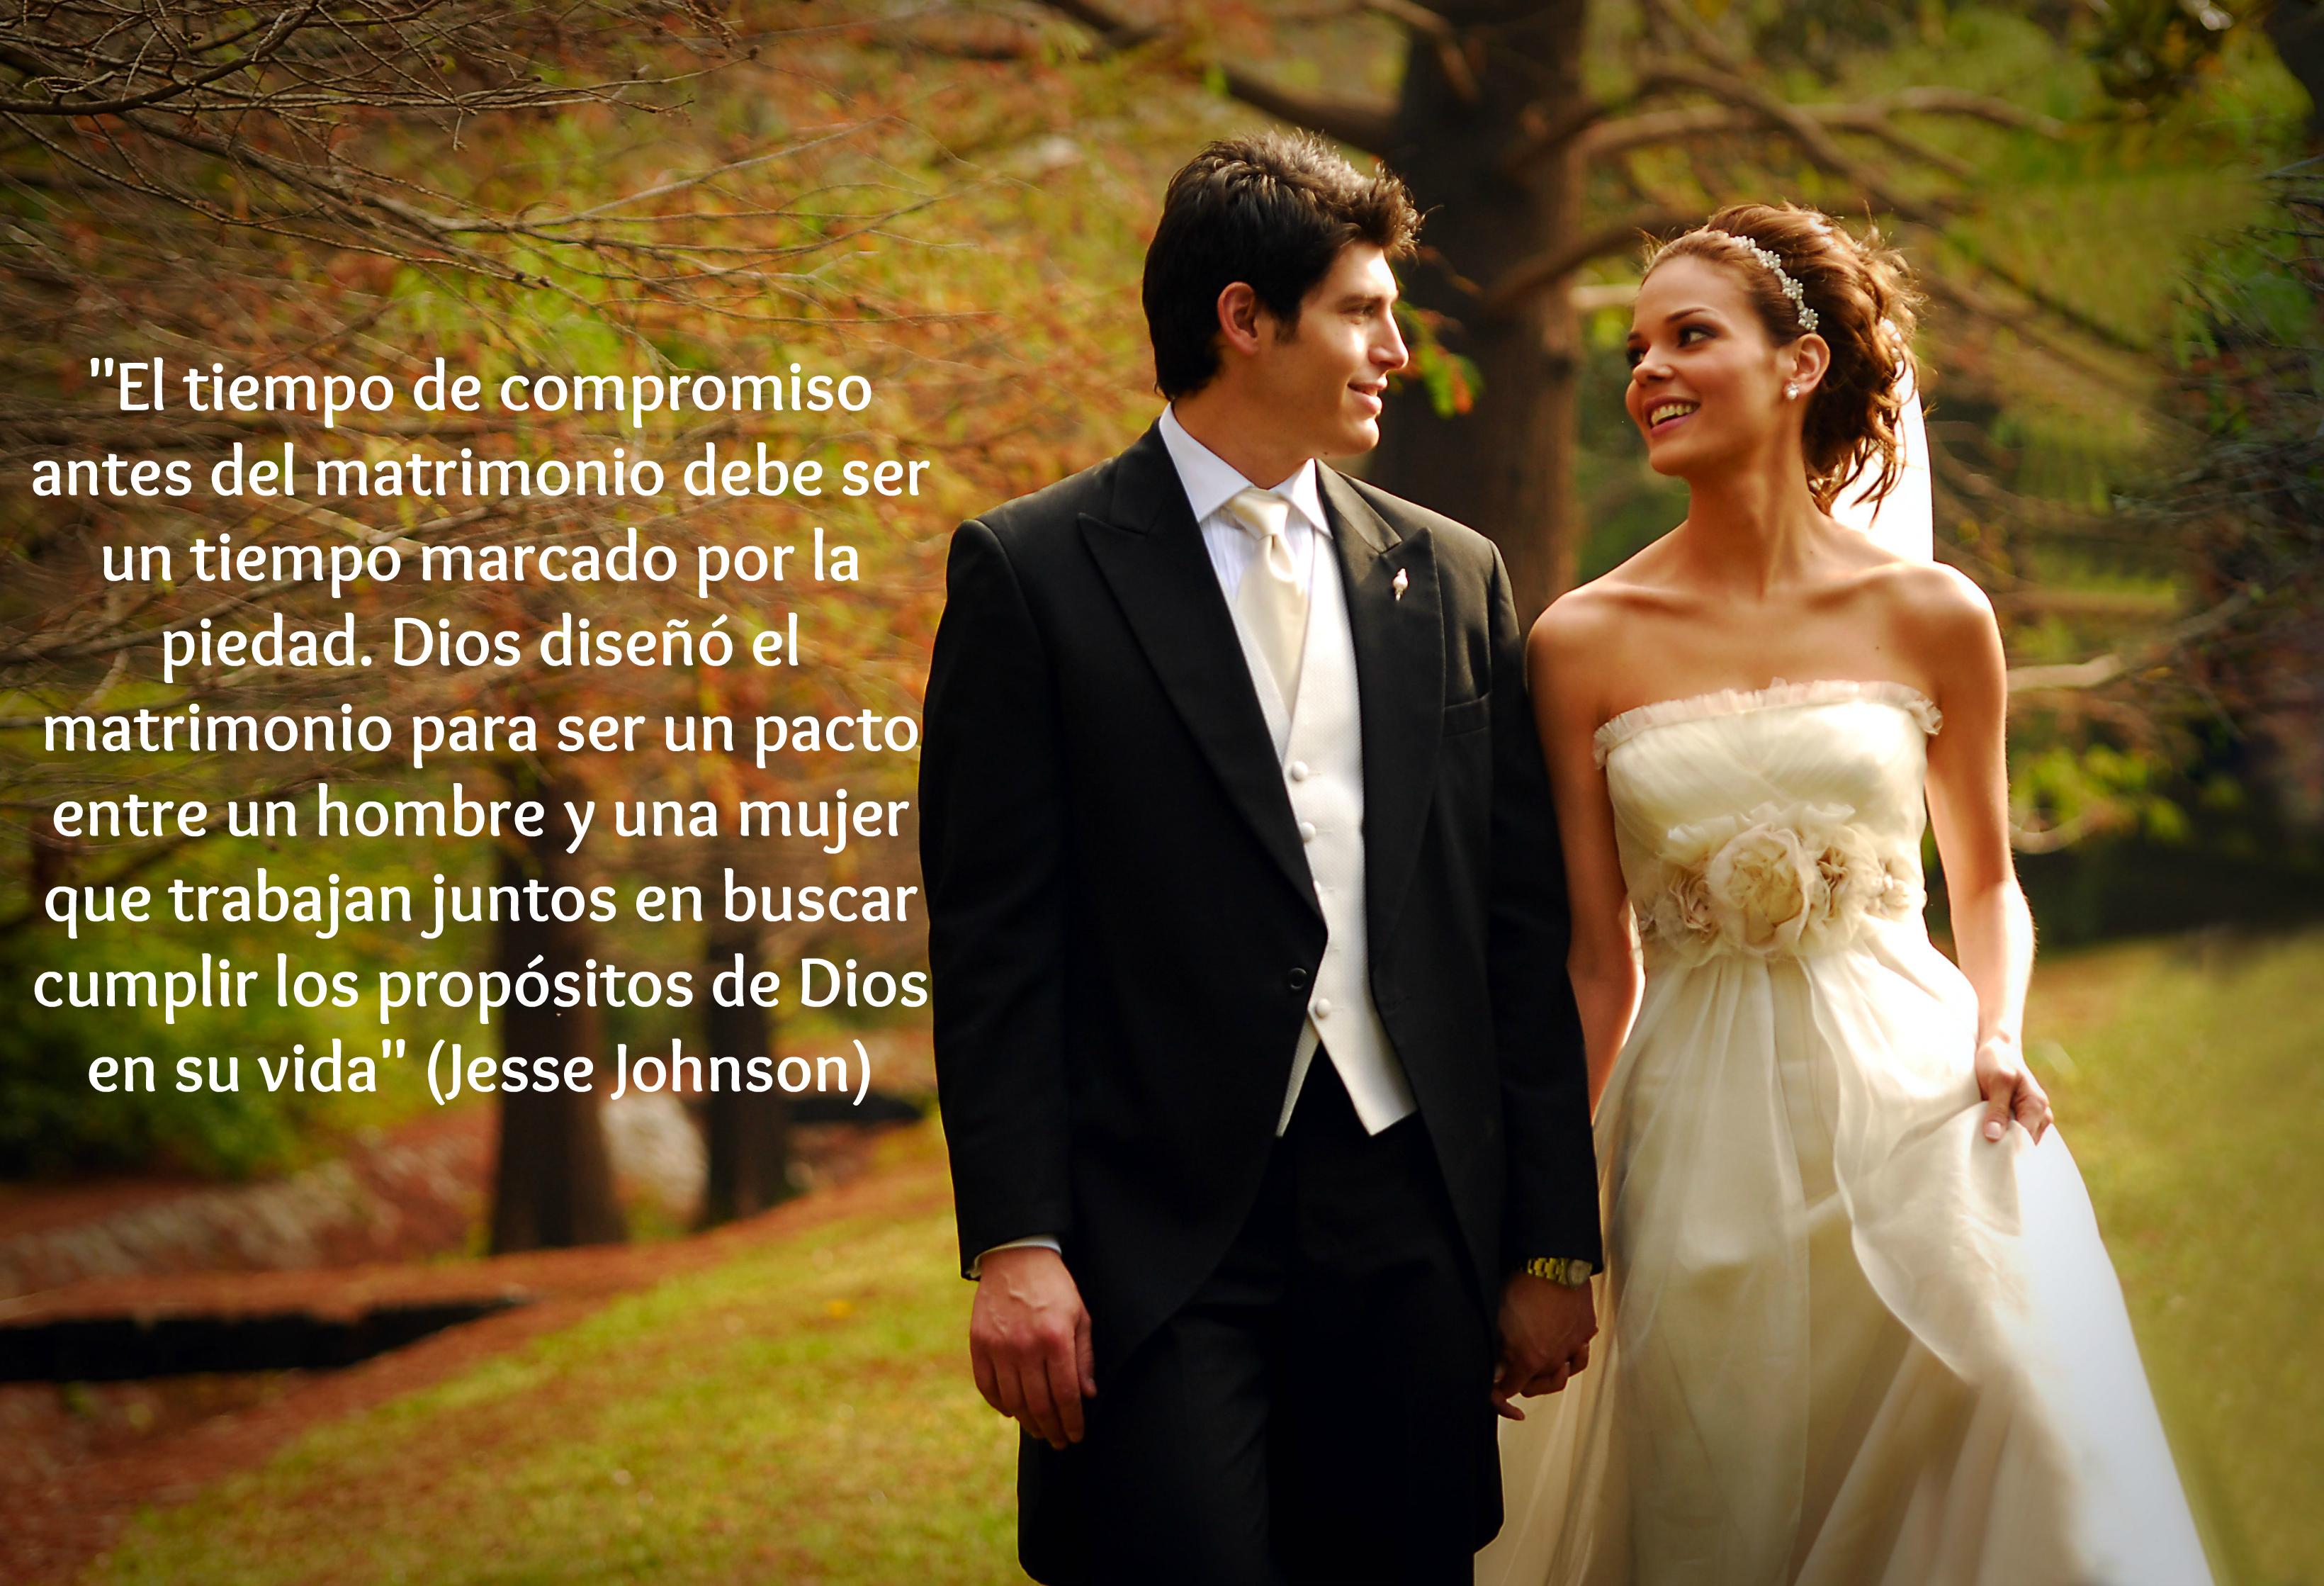 Matrimonio Cristiano Biblia : Pin by xilene margareth on matrimonio en la voluntad de